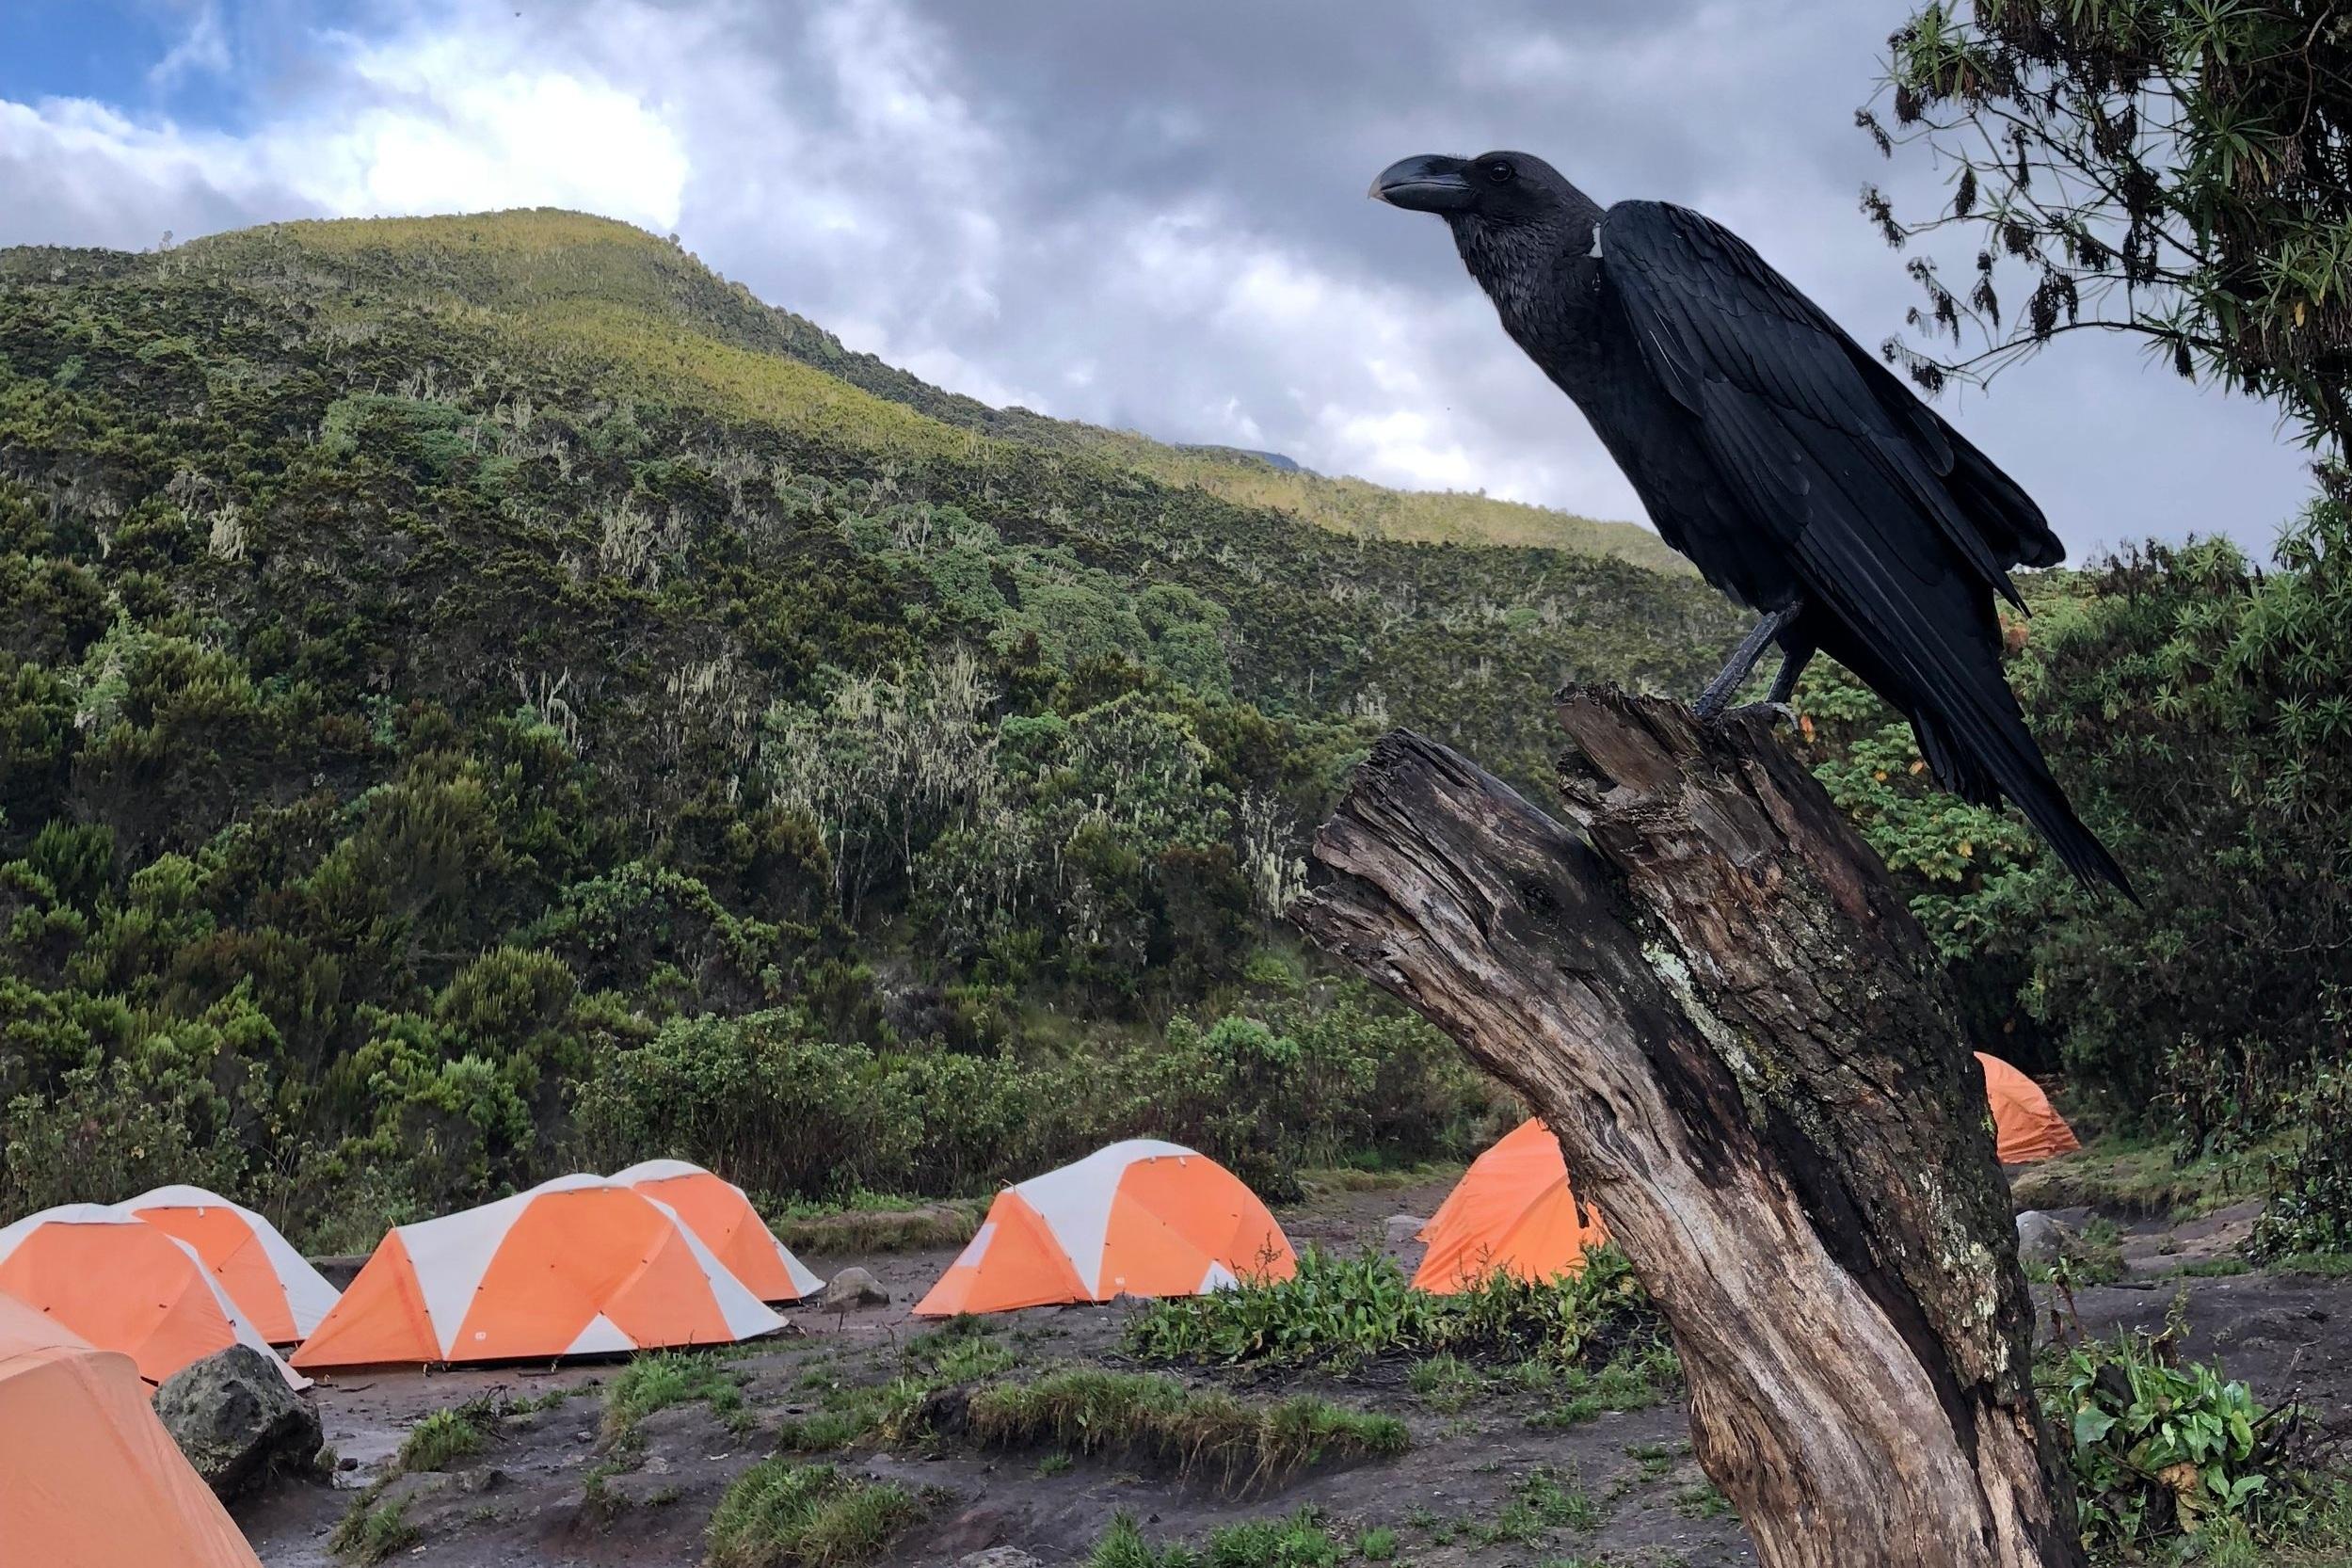 REISEBERICHT - Der schriftliche Bericht über meine Wanderung auf den Gipfel des Kilimanjaros via Machame Route.